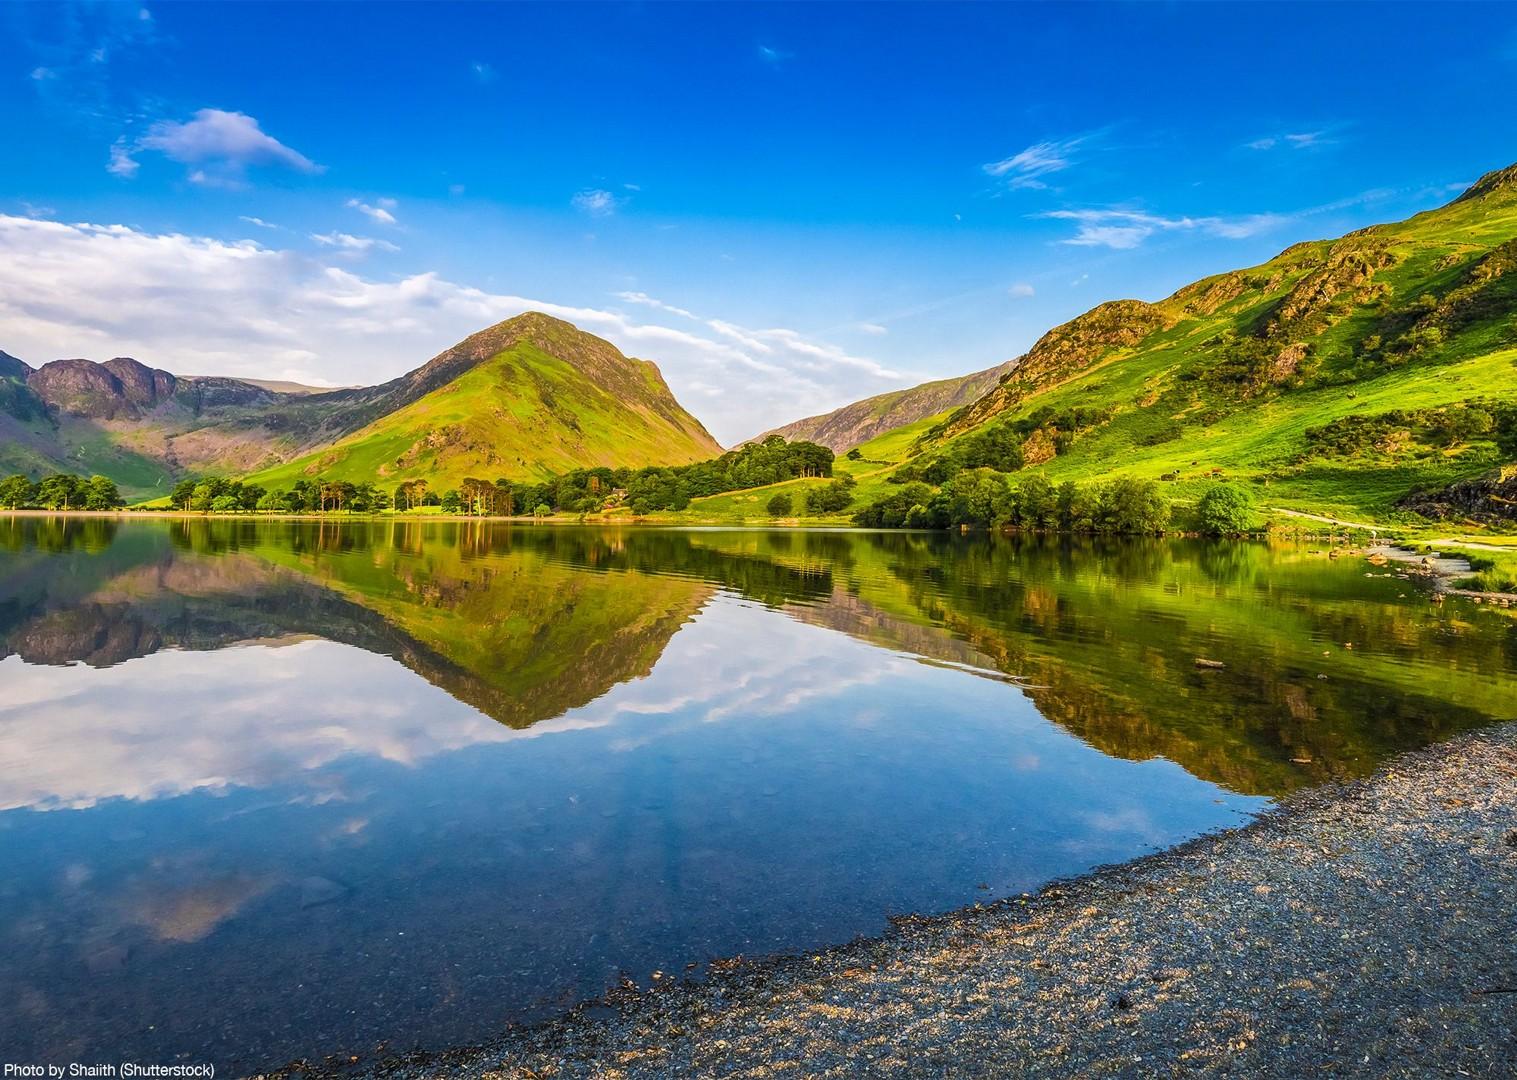 local-lakes-skiddaw-blencartha-mountains-biking-tour-skedaddle.jpg - UK - Lake District - Derwent Water - Self-Guided Leisure Cycling Holiday - Leisure Cycling